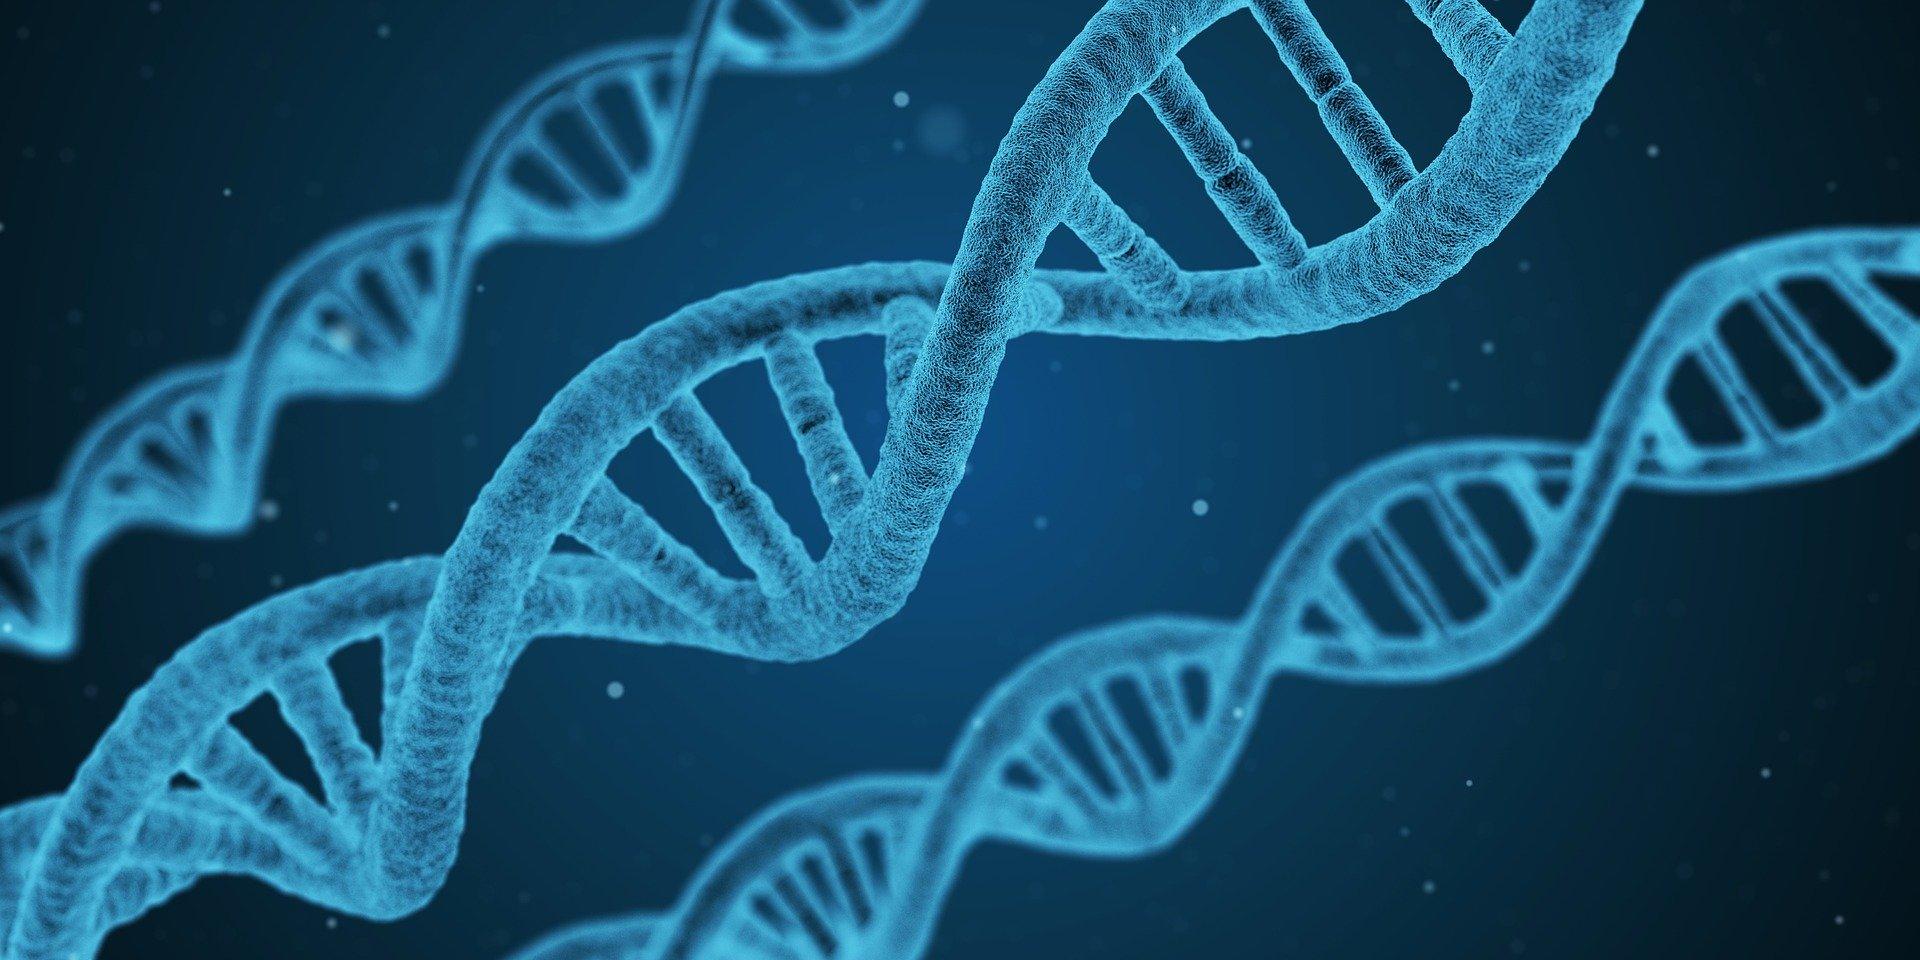 Representação gráfica do DNA